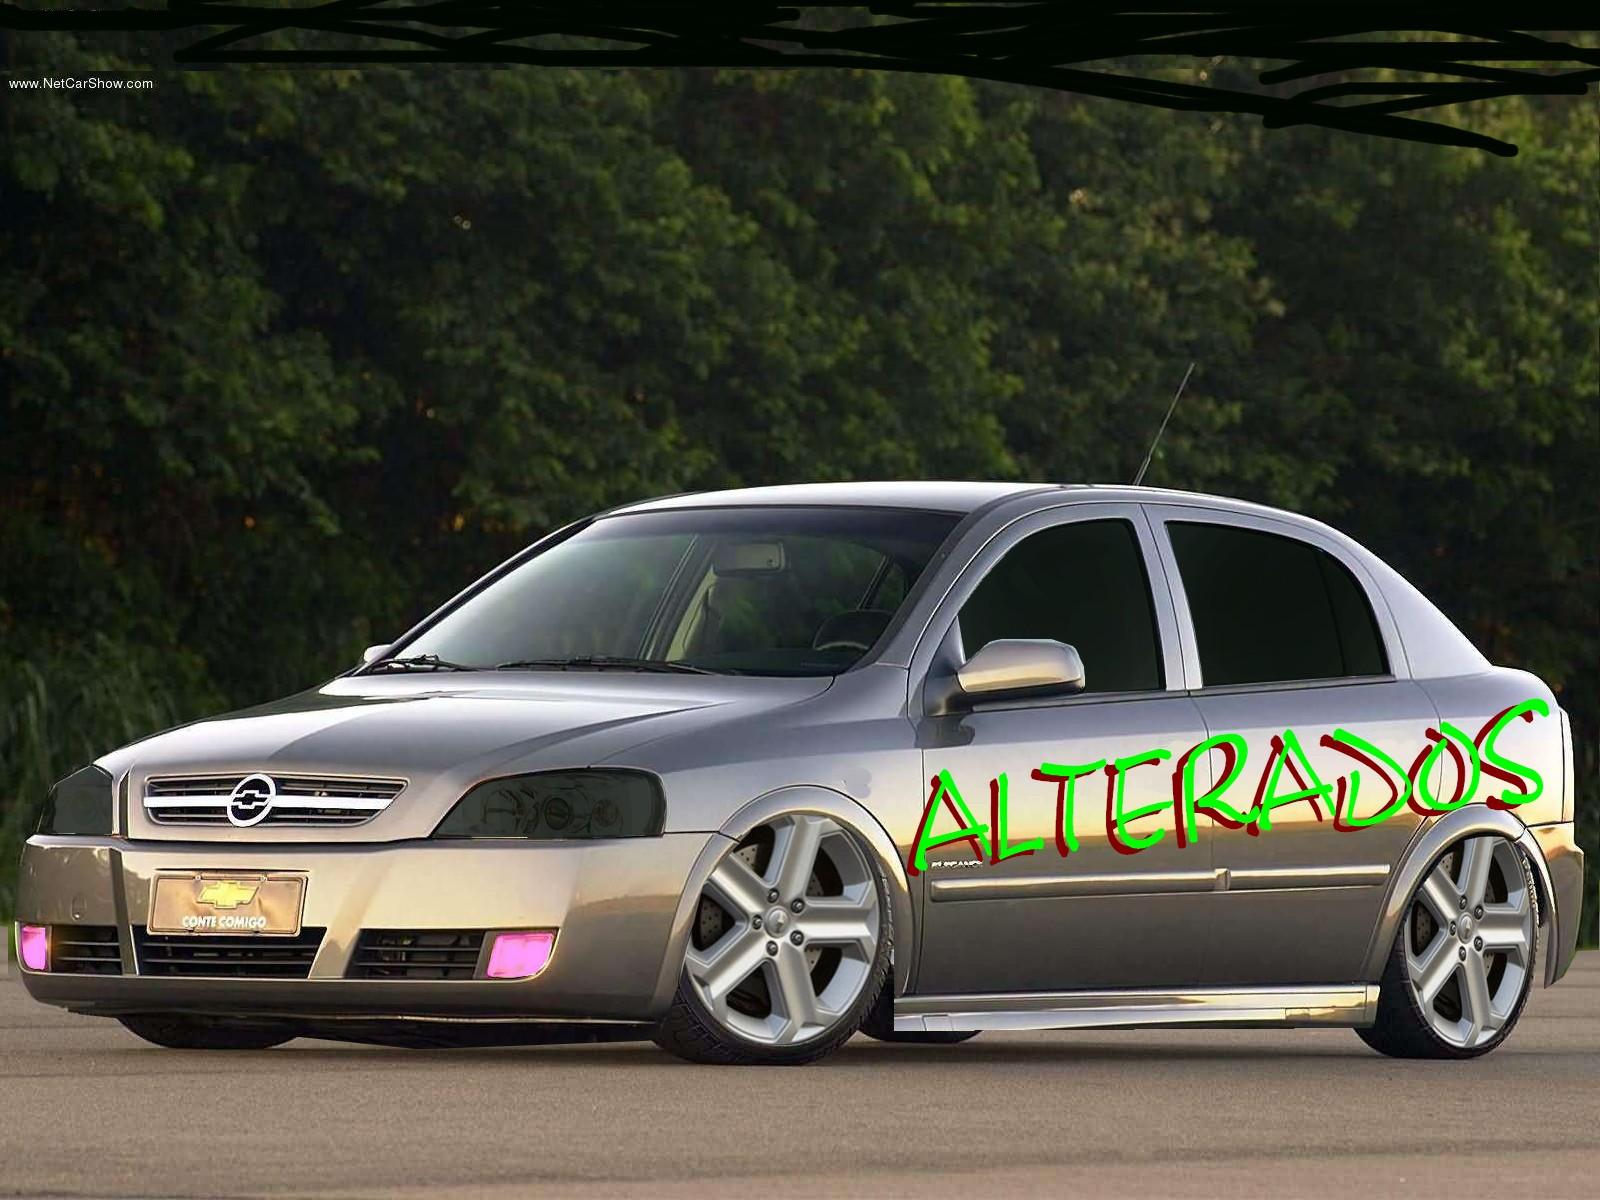 http://3.bp.blogspot.com/_da2CrEuT-AY/TDeoNrK7jkI/AAAAAAAAAE4/G0AouJ2eoeg/s1600/Chevrolet-Astra_2.0_Flexpower_Elegance_2005_1600x1200_wallpaper_04.jpg